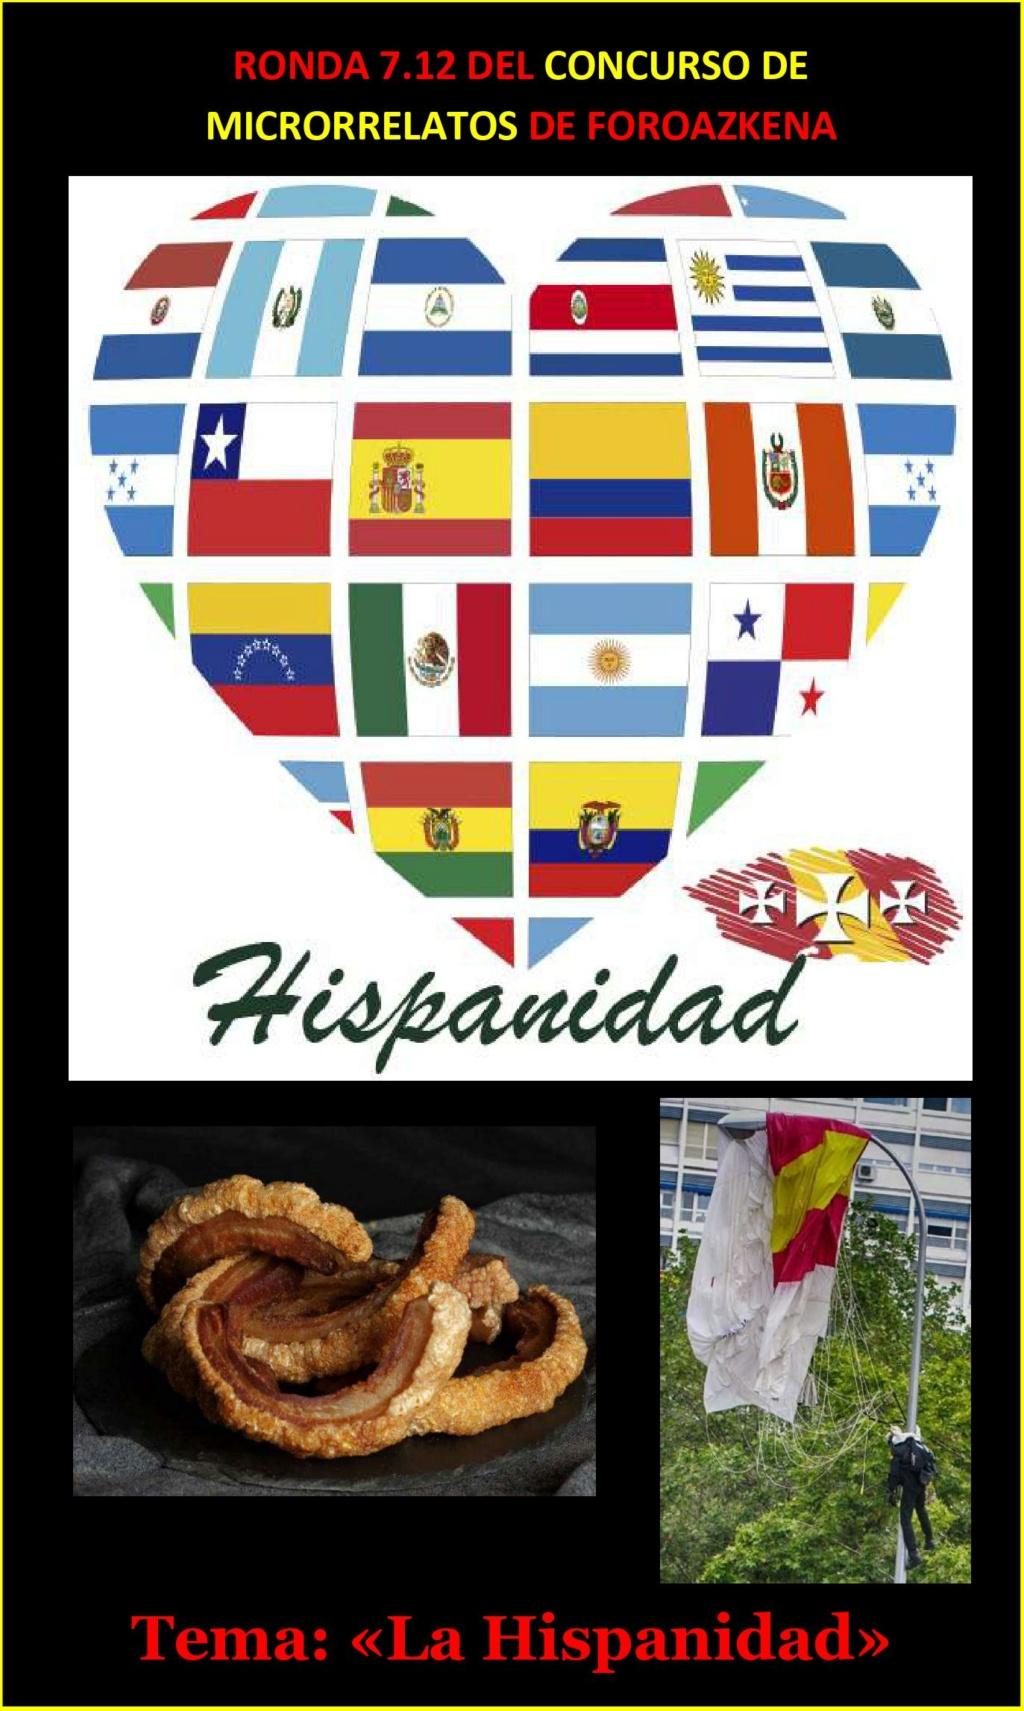 RONDA 7.12 DEL ESPAÑOL CONCURSO DE MICRORRELATOS DE FOROAZKENA... gala a las 22:30 h, GORA ESPAÑA!!! La_his10